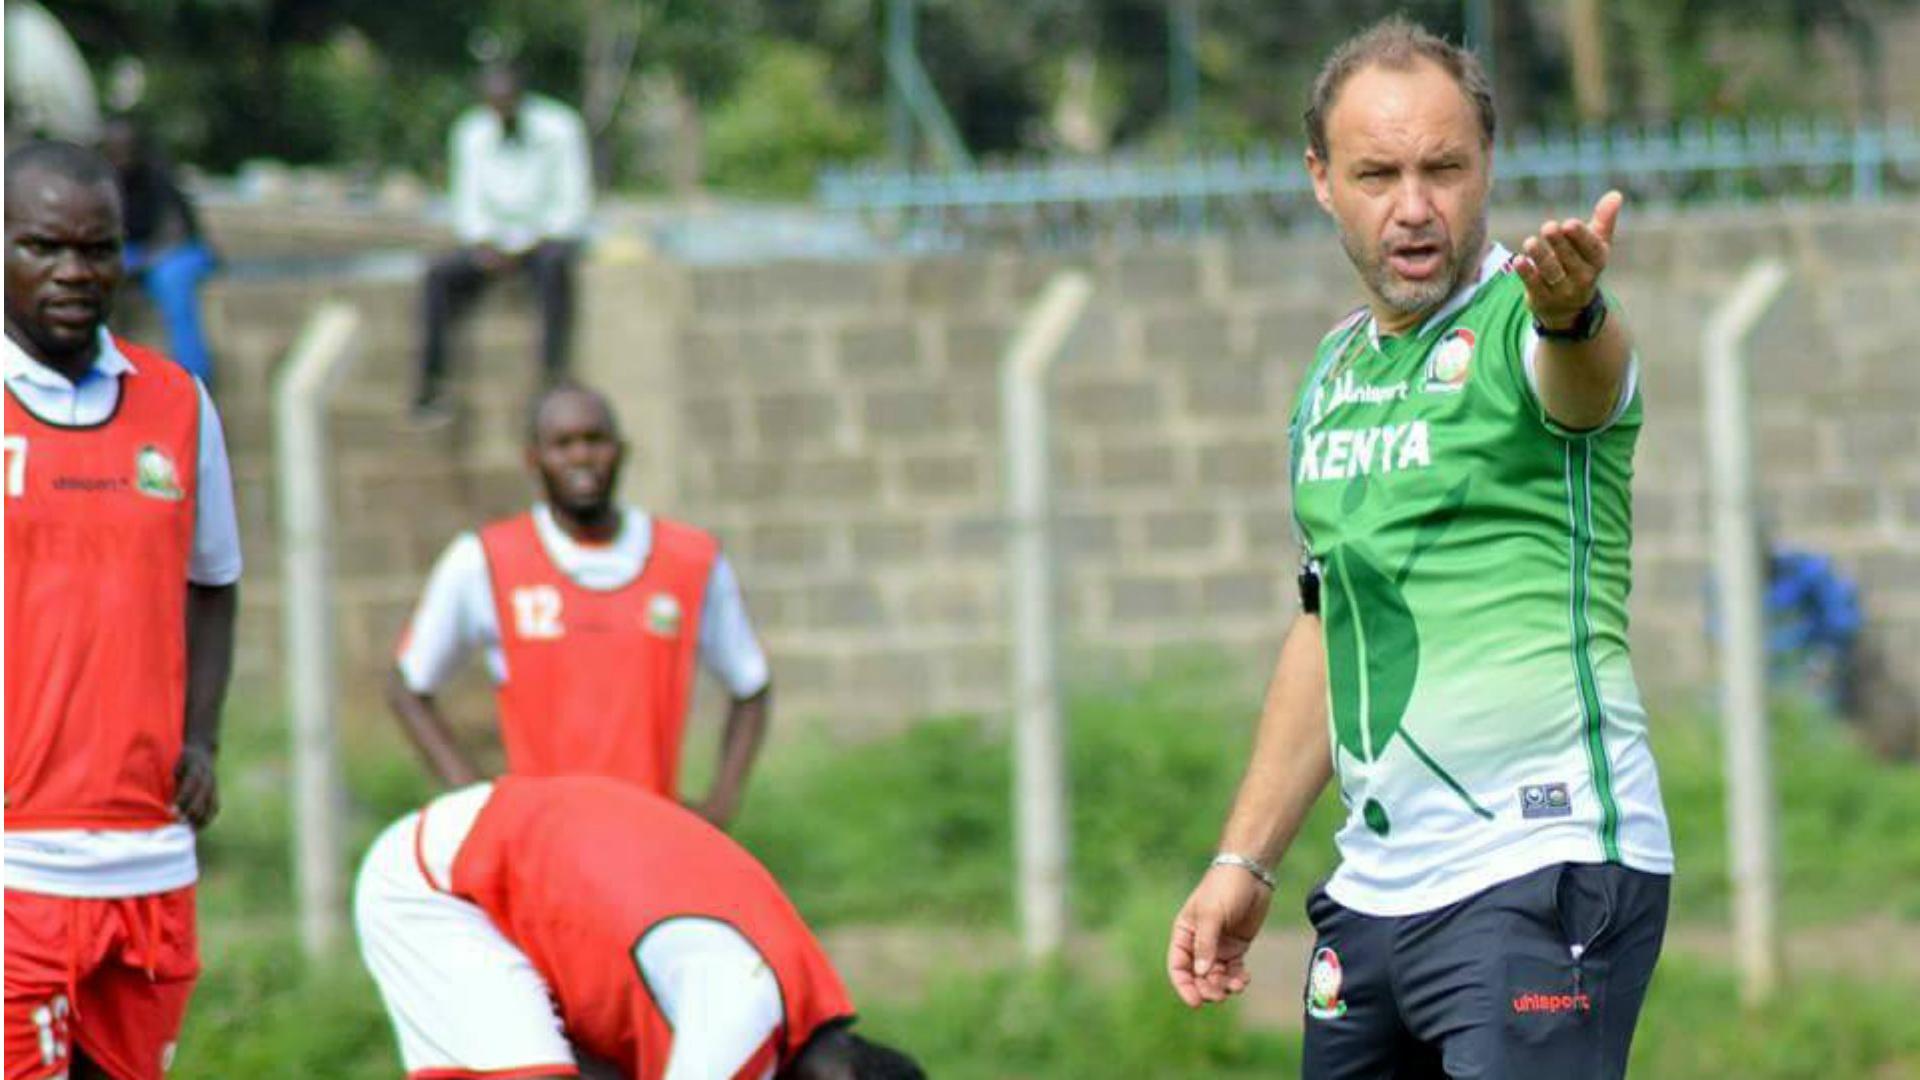 Sébastien Migné of Harambee Stars